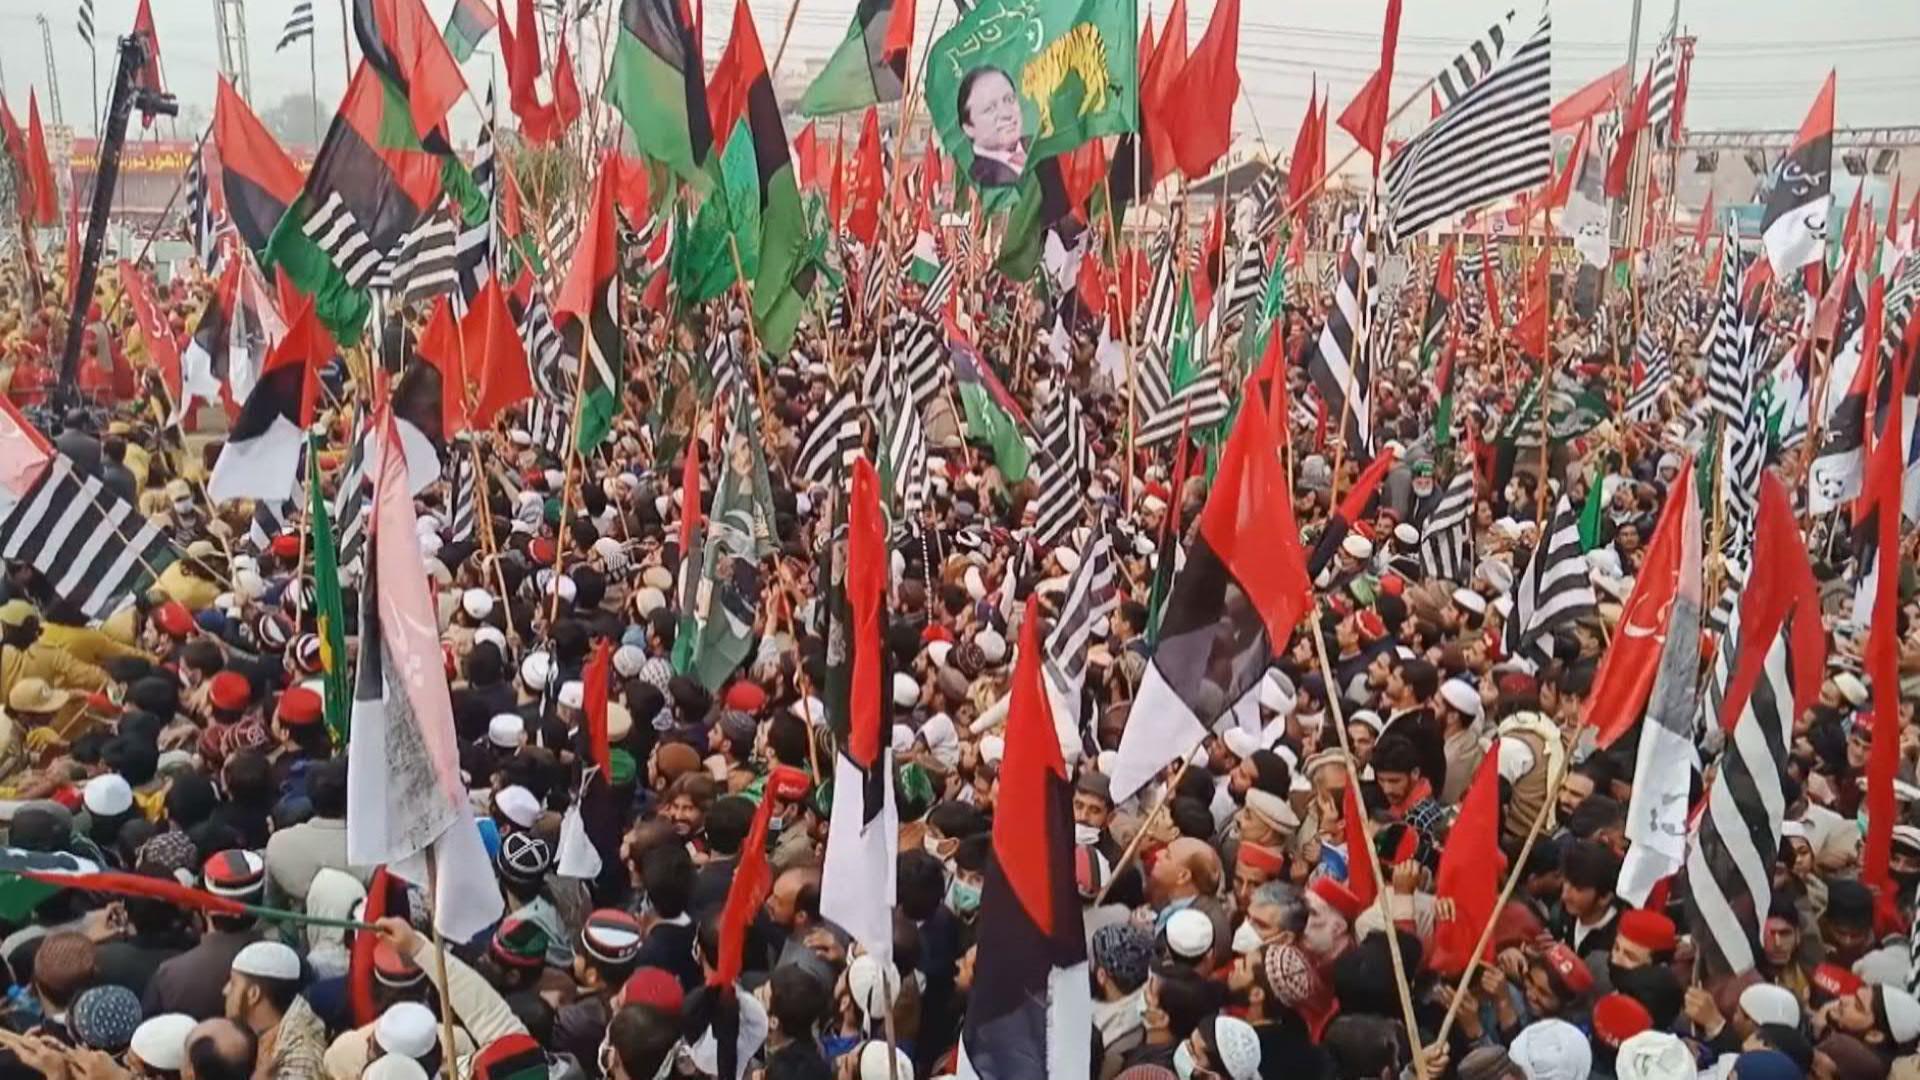 باكستان: الآلاف ينضمون إلى حشد للمعارضة في بيشاور في تحد لحظر التجمعات بسبب كورونا